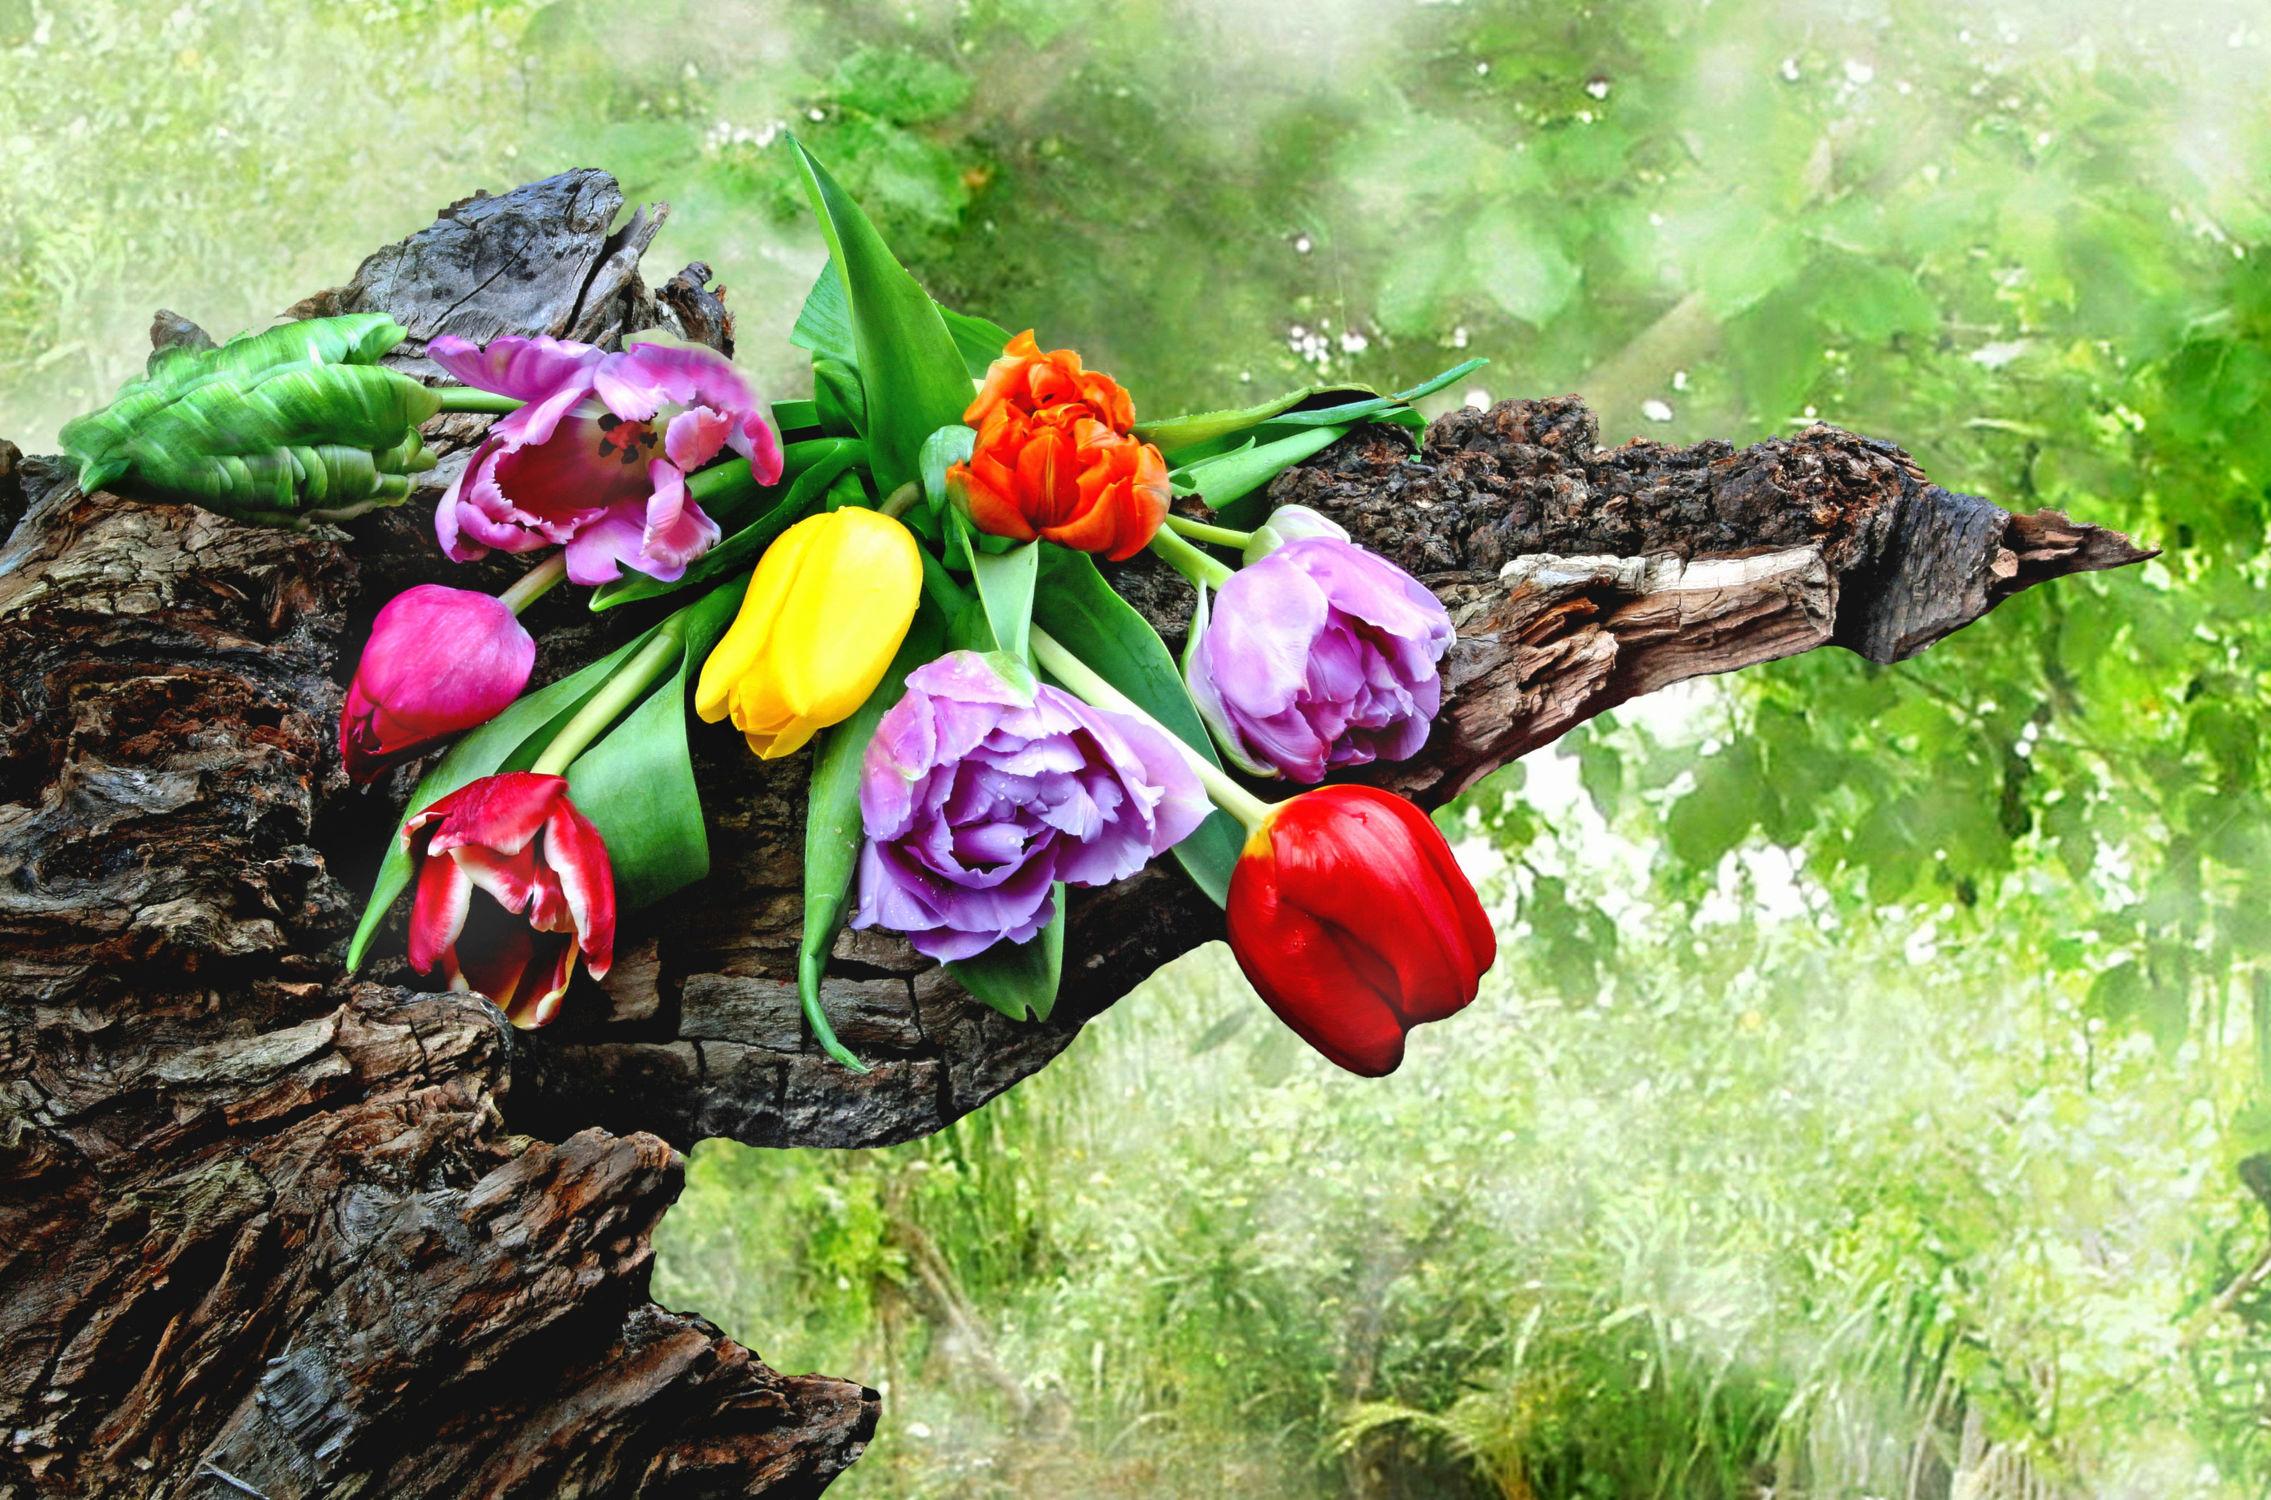 Bild mit Bäume, Blumen, Wald, Baum, Blume, Tulpe, Tulpen, Floral, Stilleben, Blüten, Florales, blüte